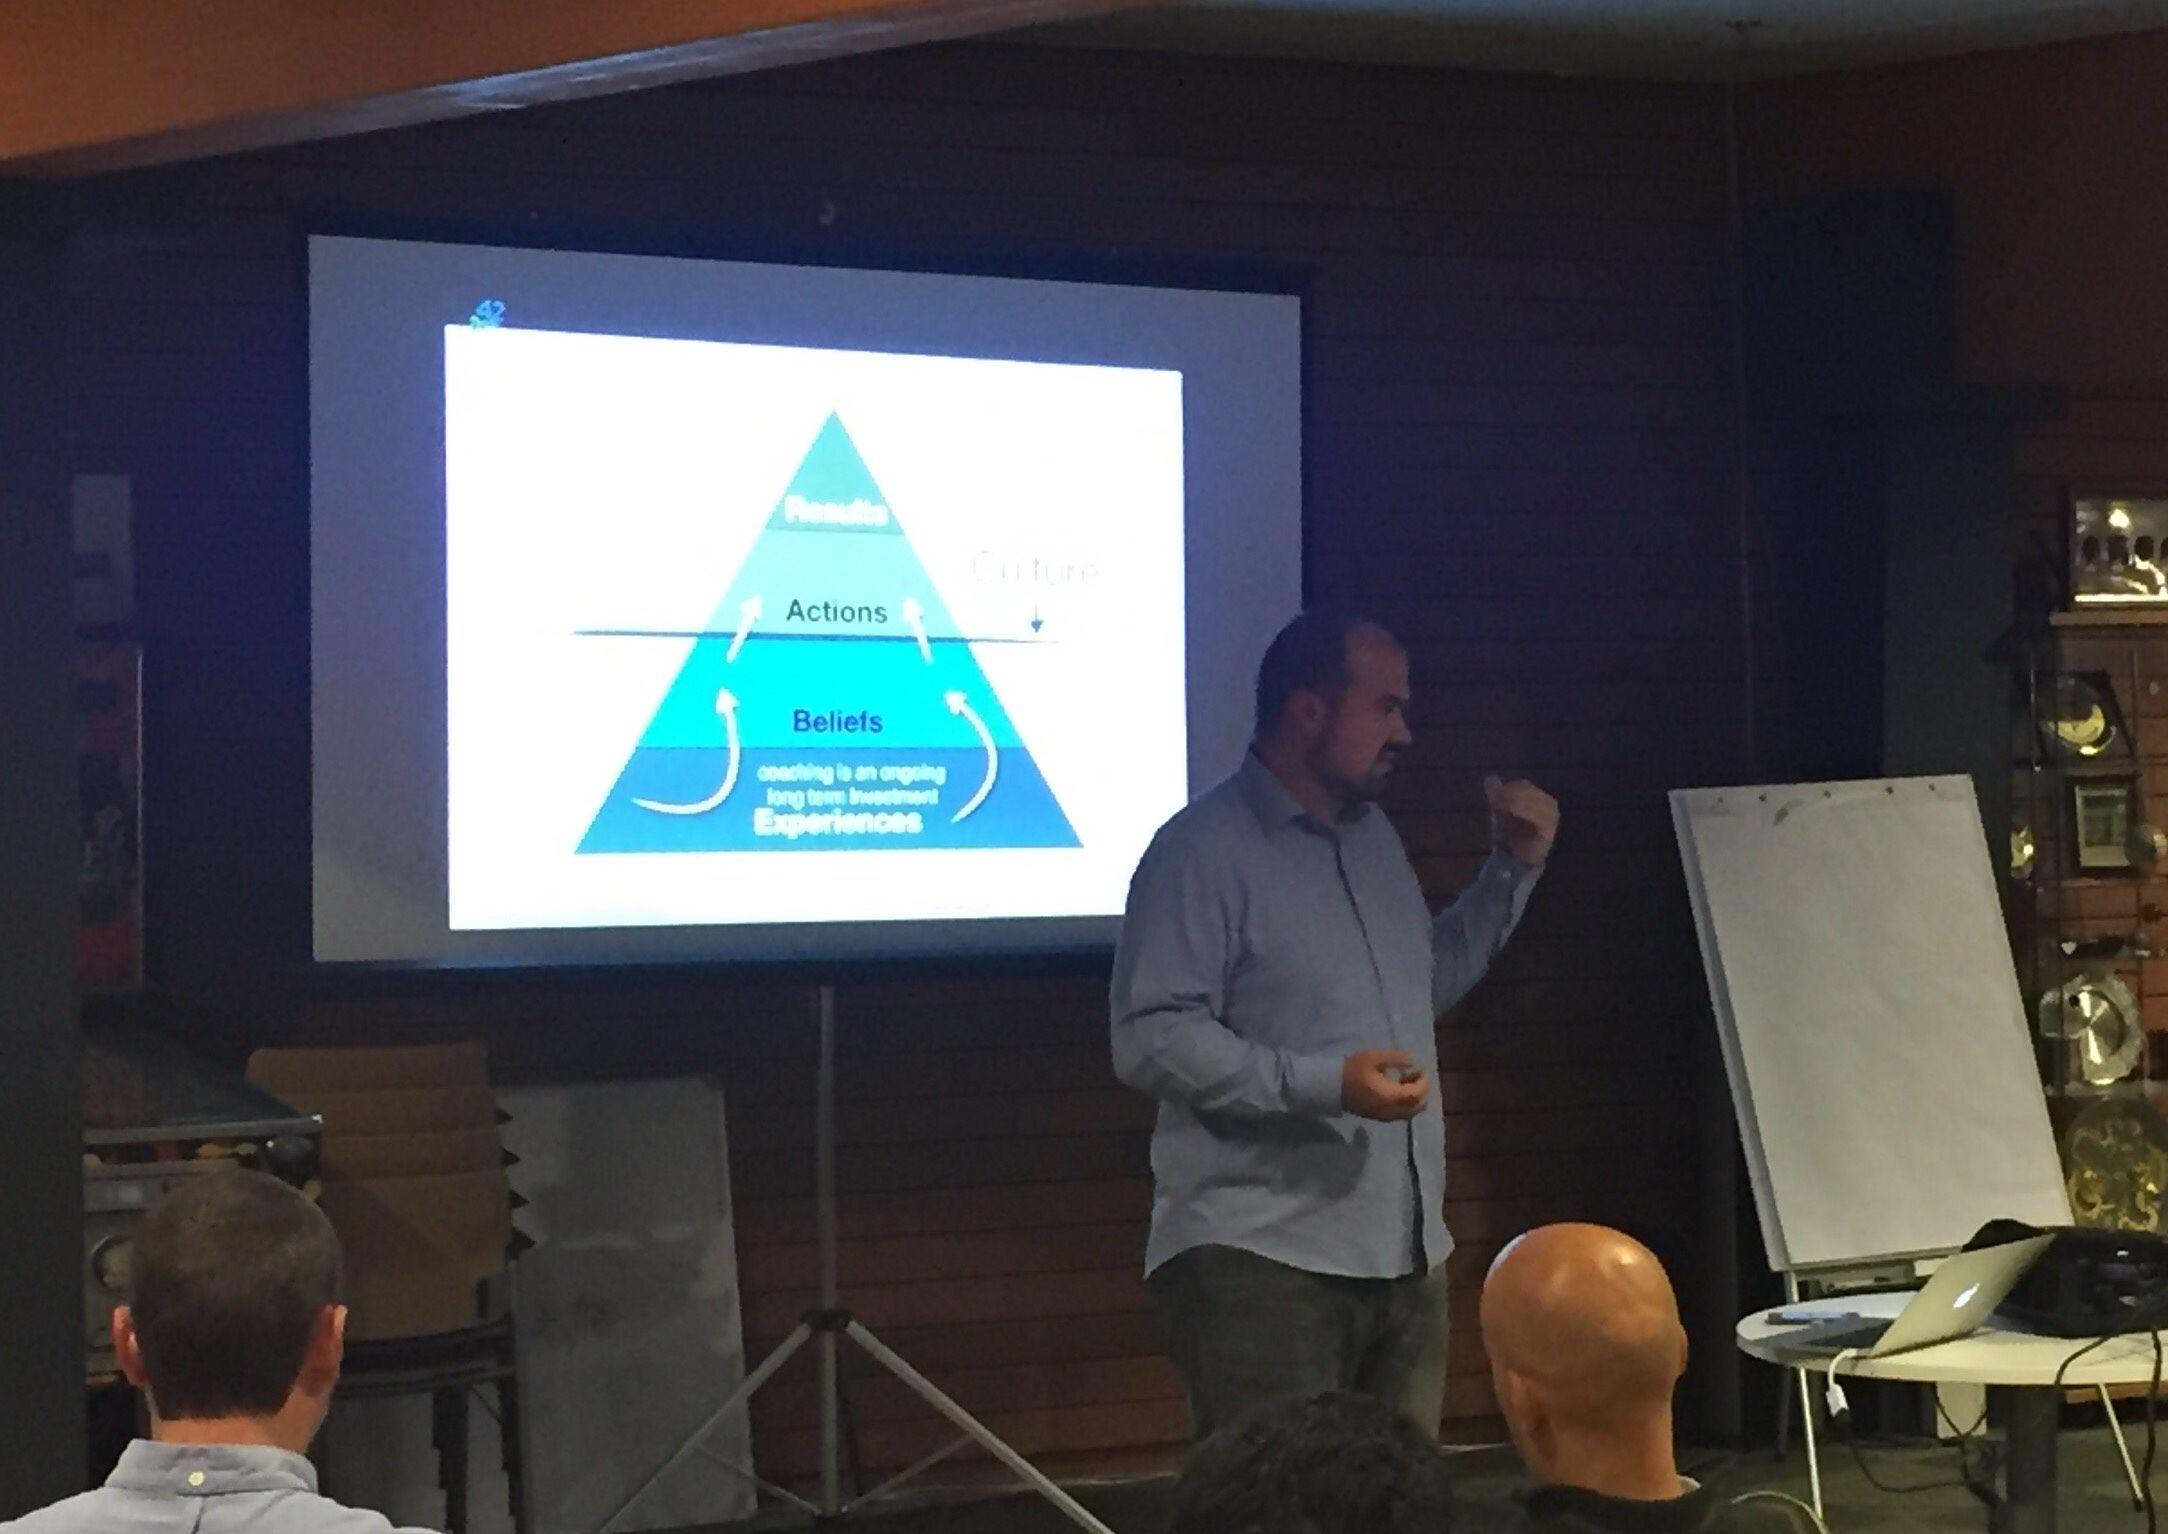 Javier Perez presenteert bij de Agile Coaching meetup